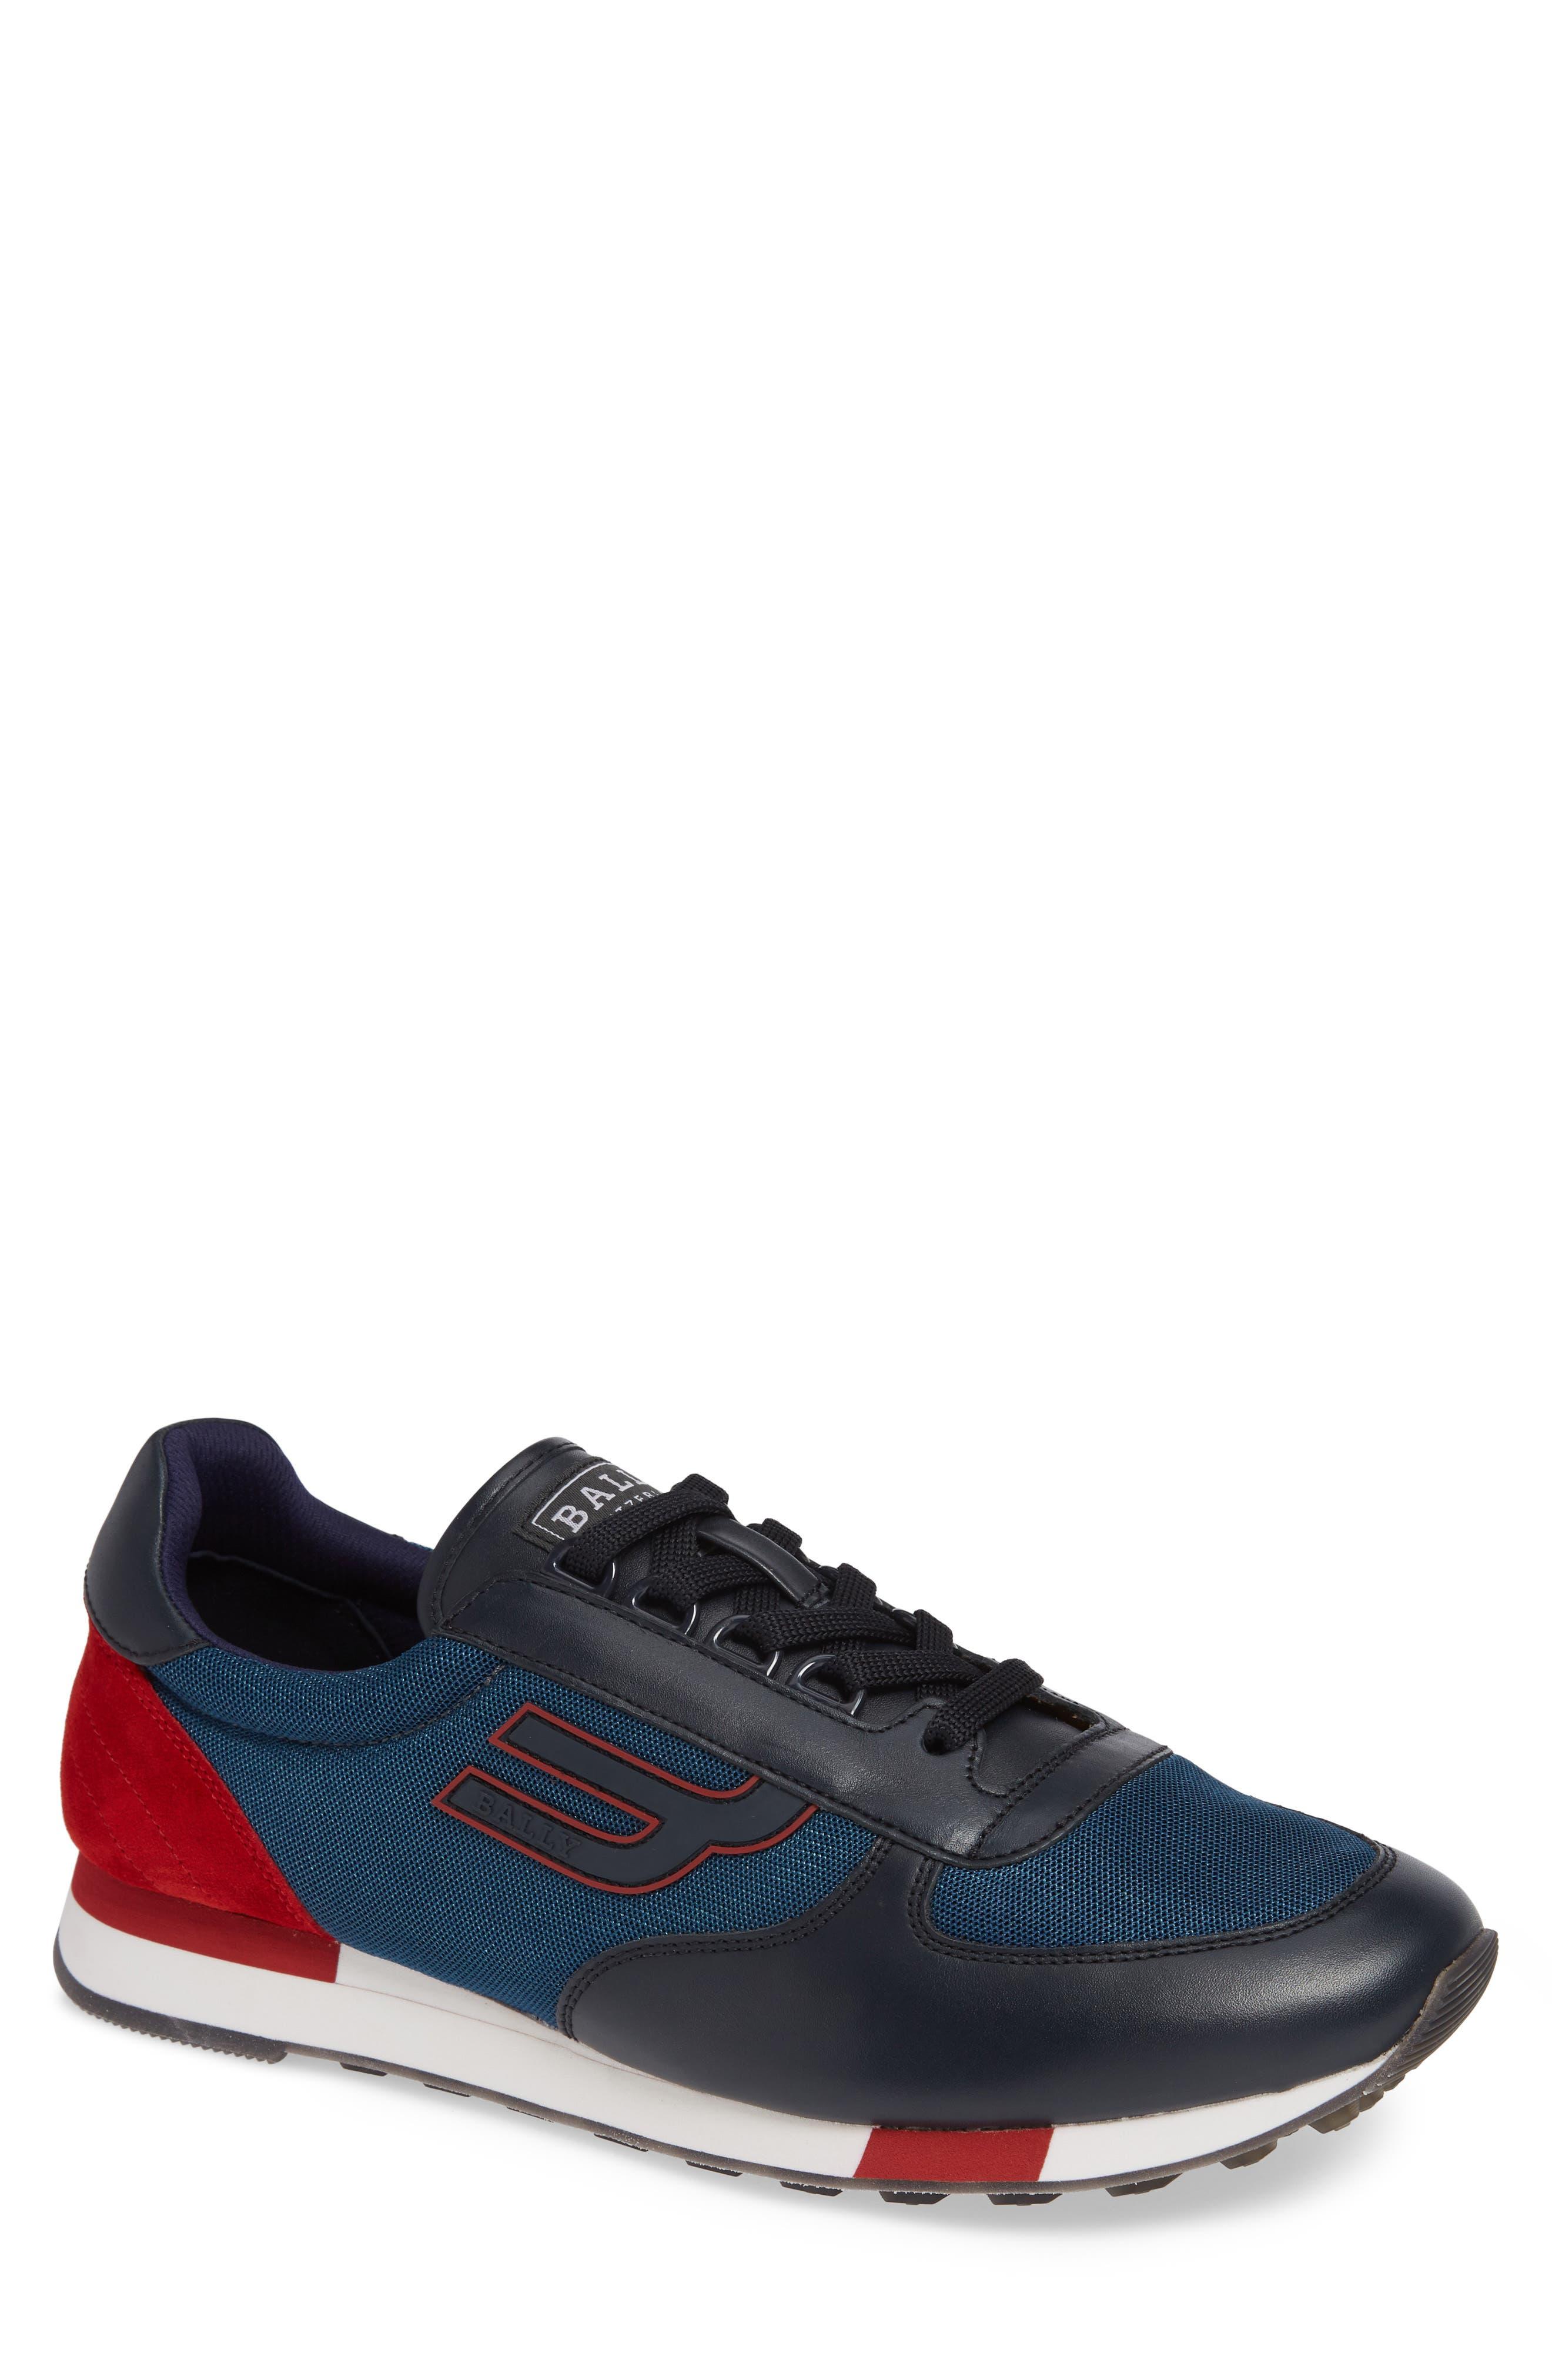 Gavino Low Top Sneaker,                         Main,                         color, Blue